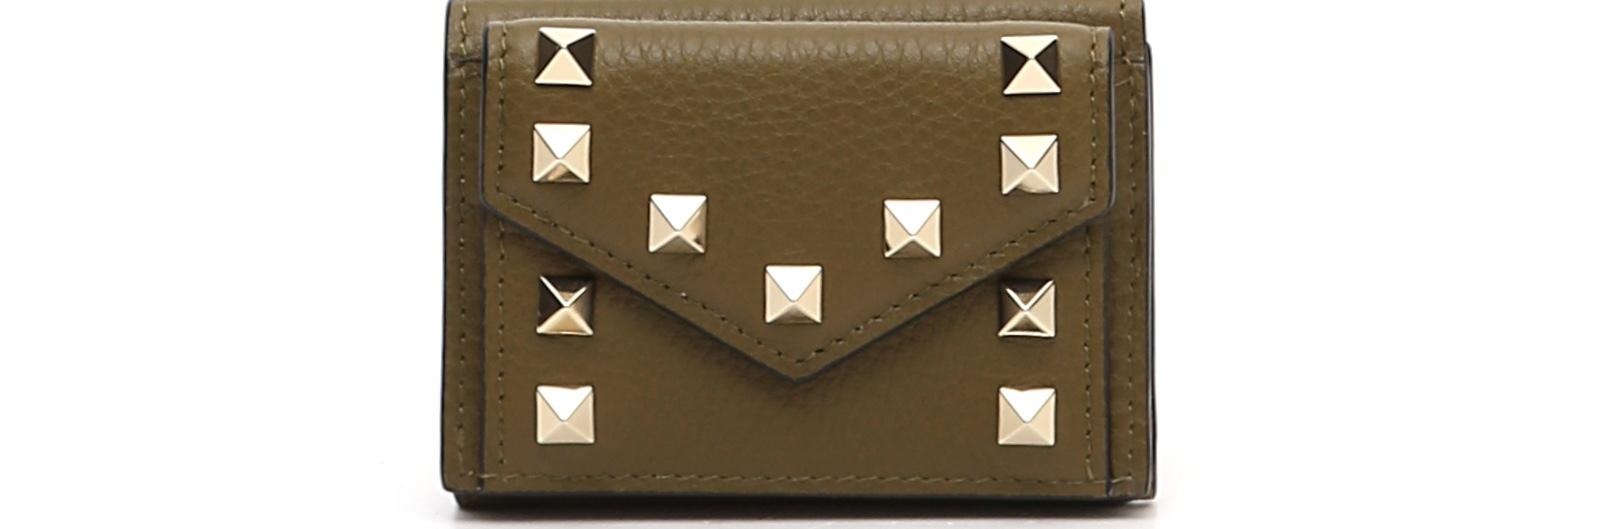 ヴァレンティノ ガラヴァーニ 財布